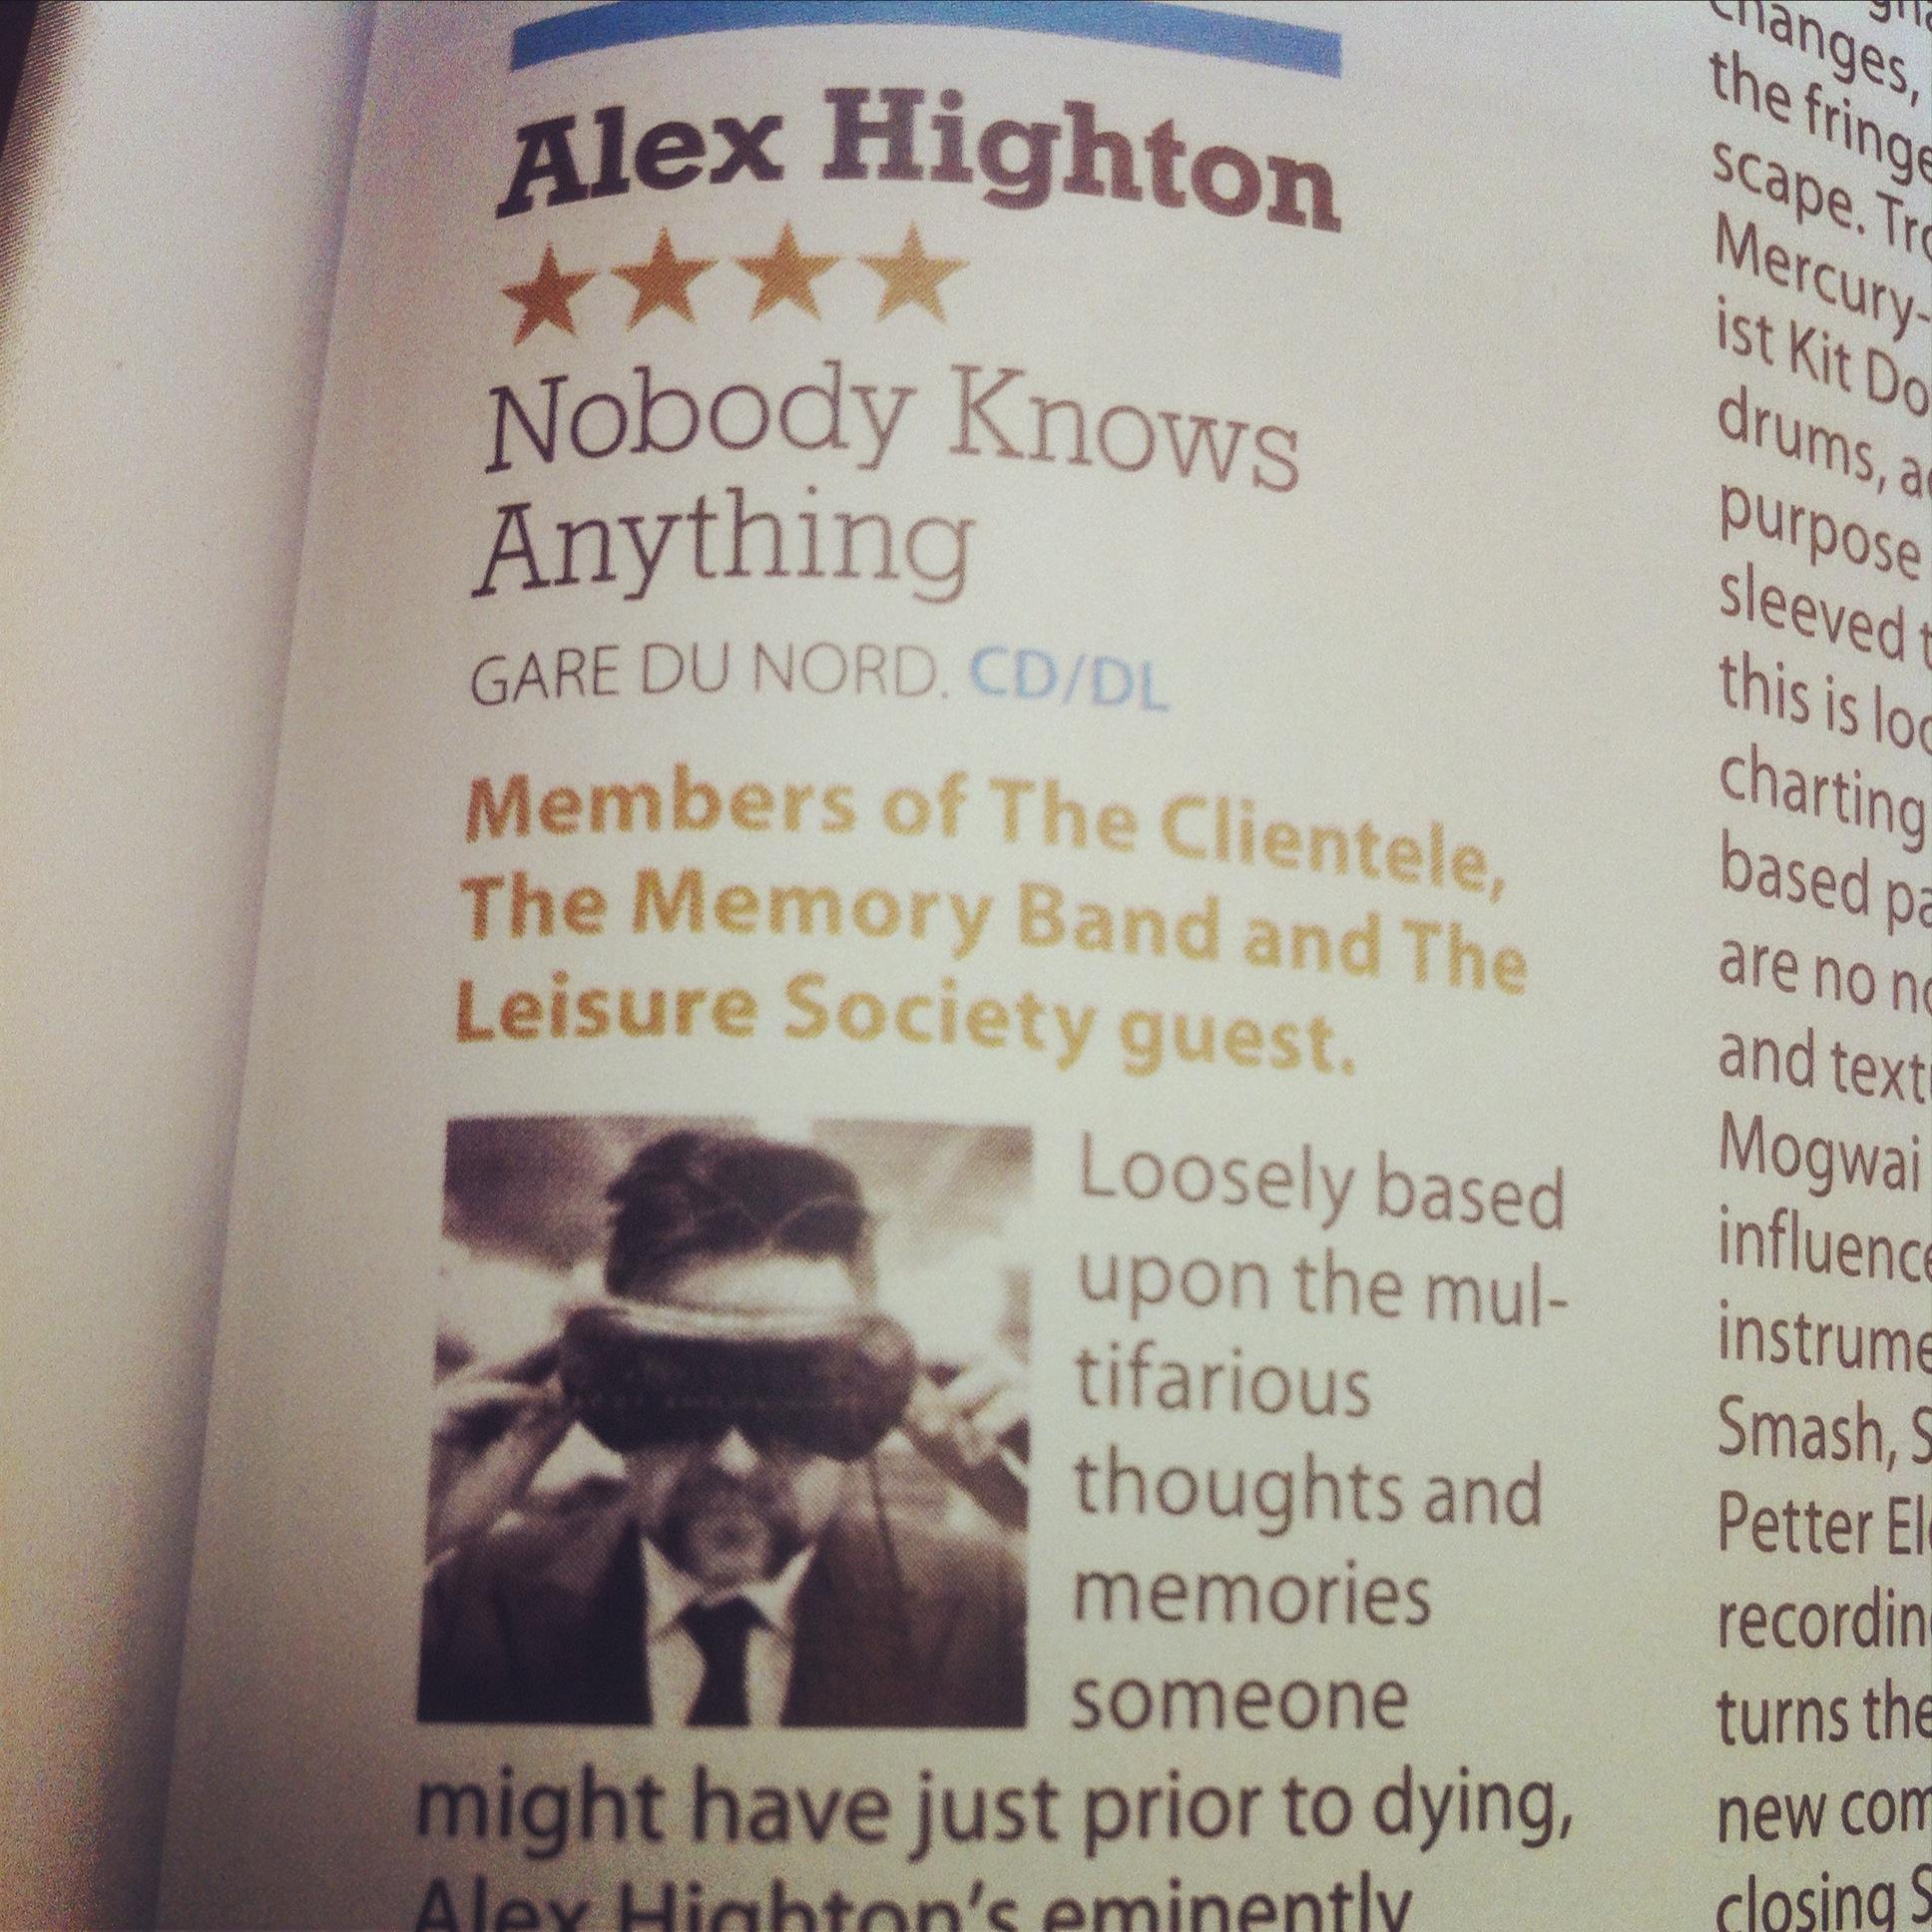 4 Stars in Mojo Magazine!